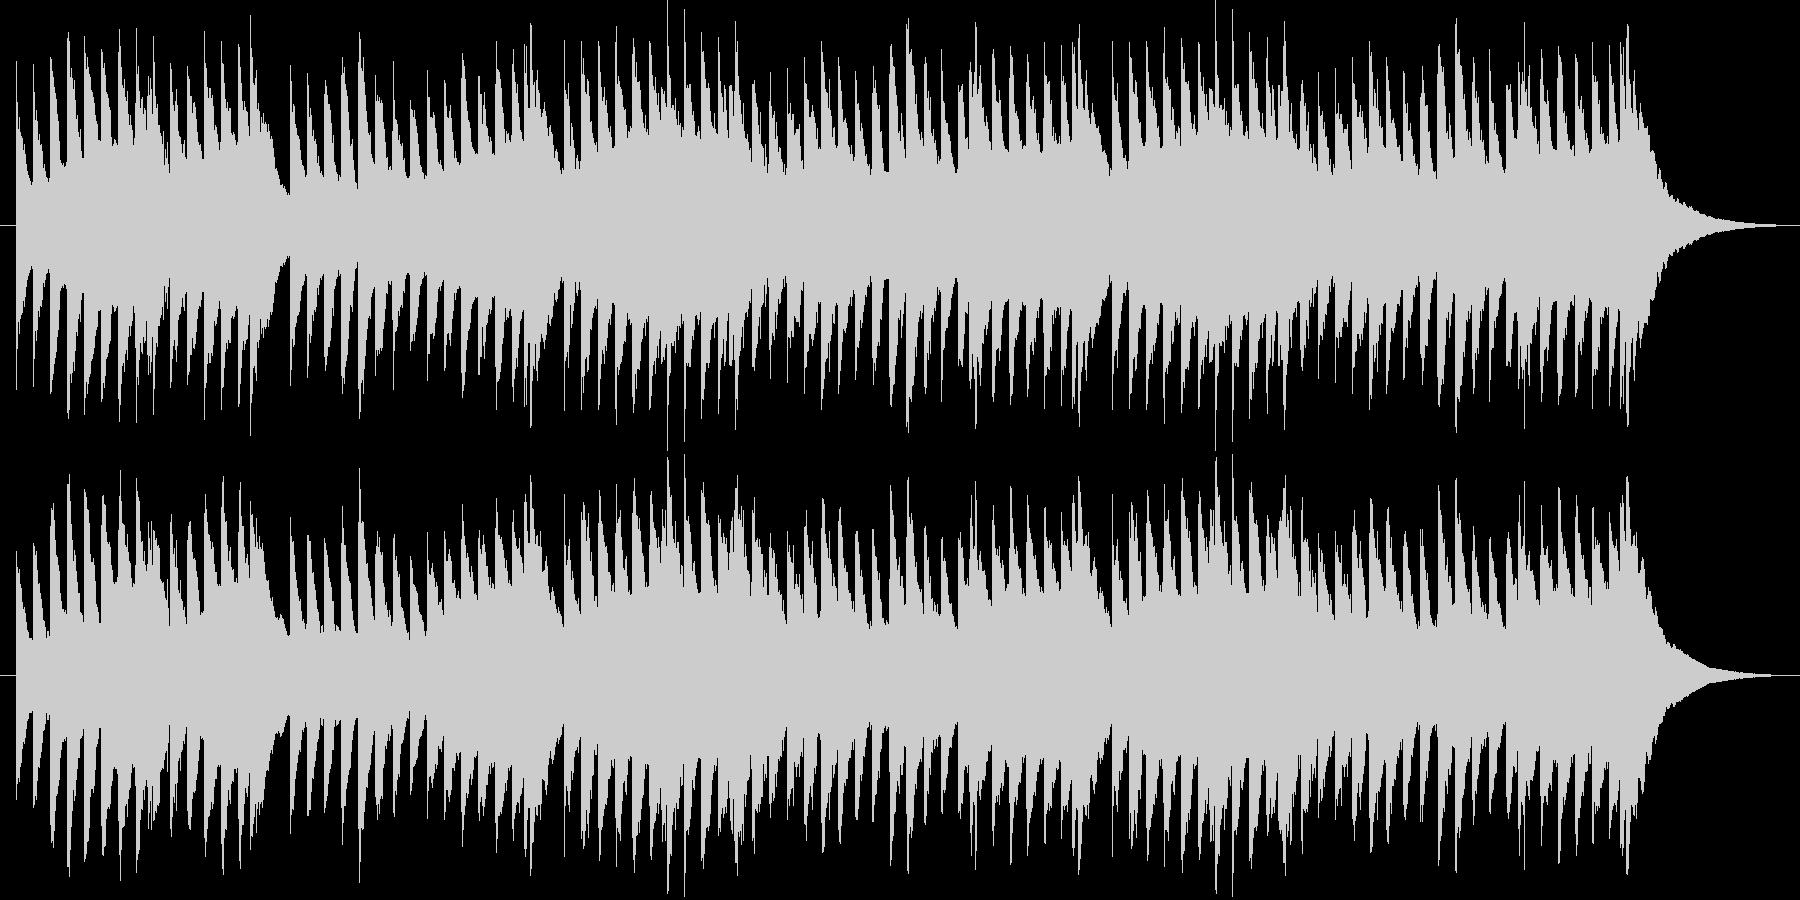 喜びのうたのオルゴールの未再生の波形